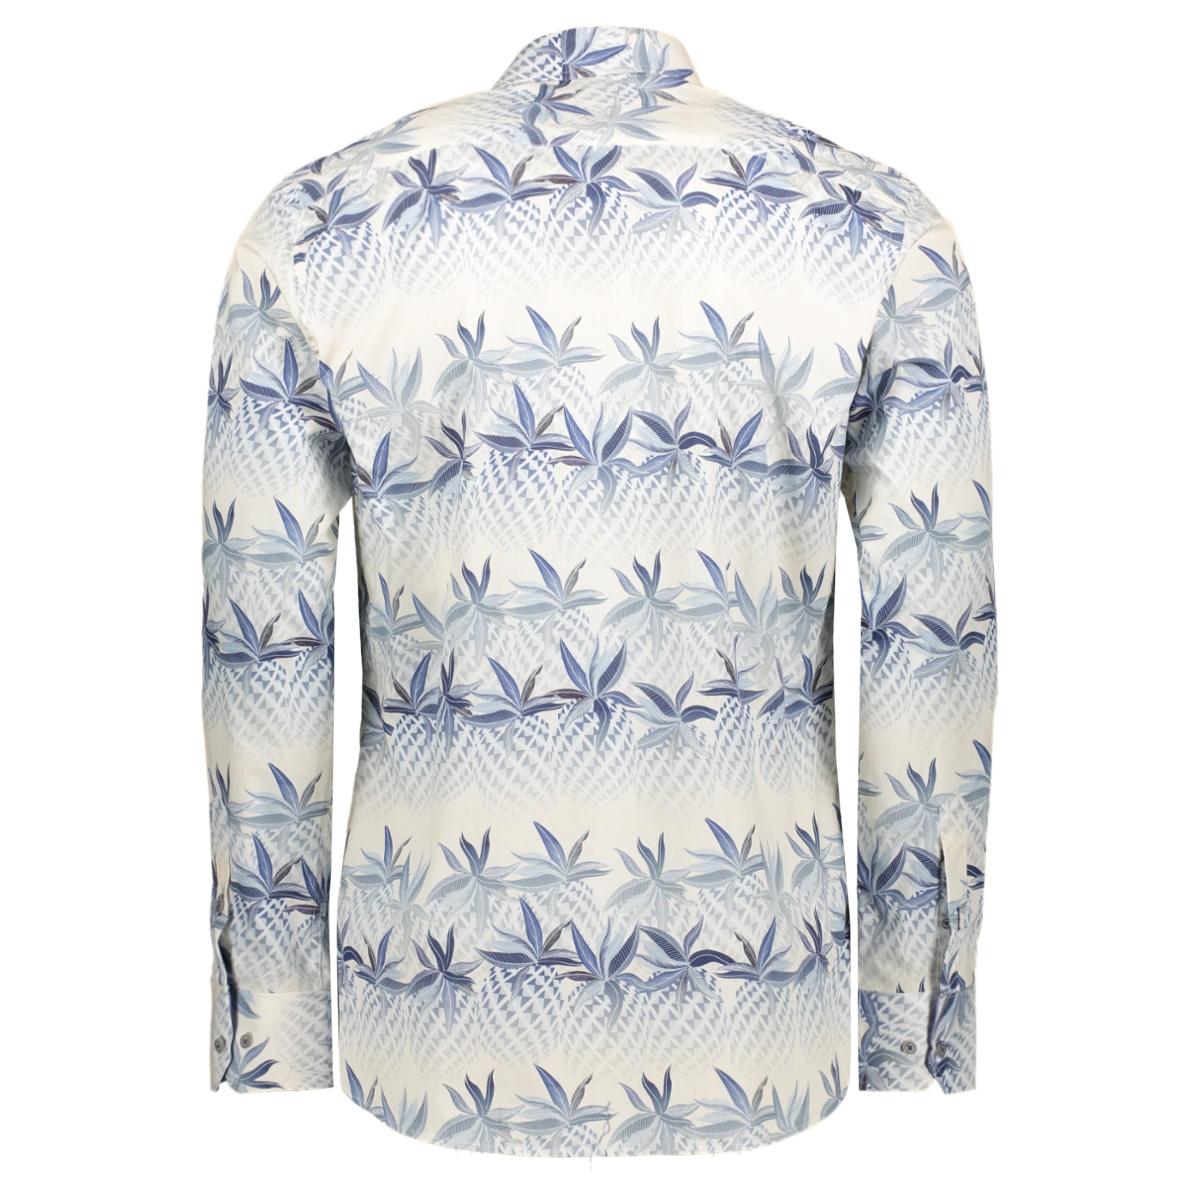 5024 2455 carter & davis overhemd 010